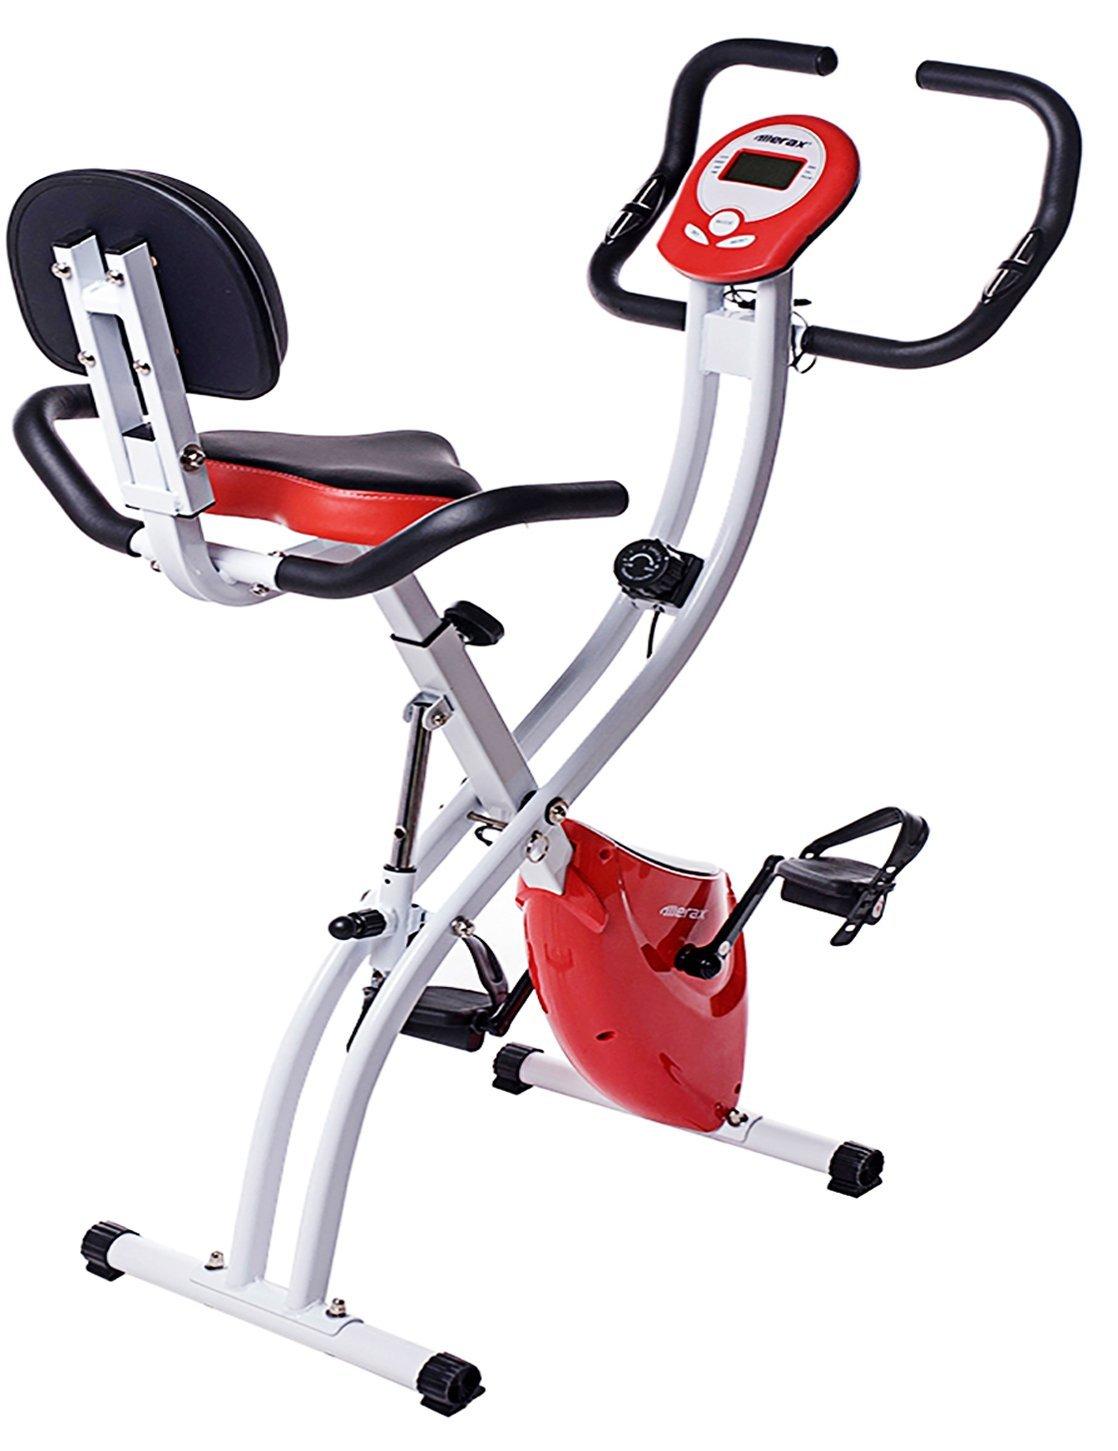 Merax Folding Adjustable Magnetic Upright Exercise Bike Fitness Machine